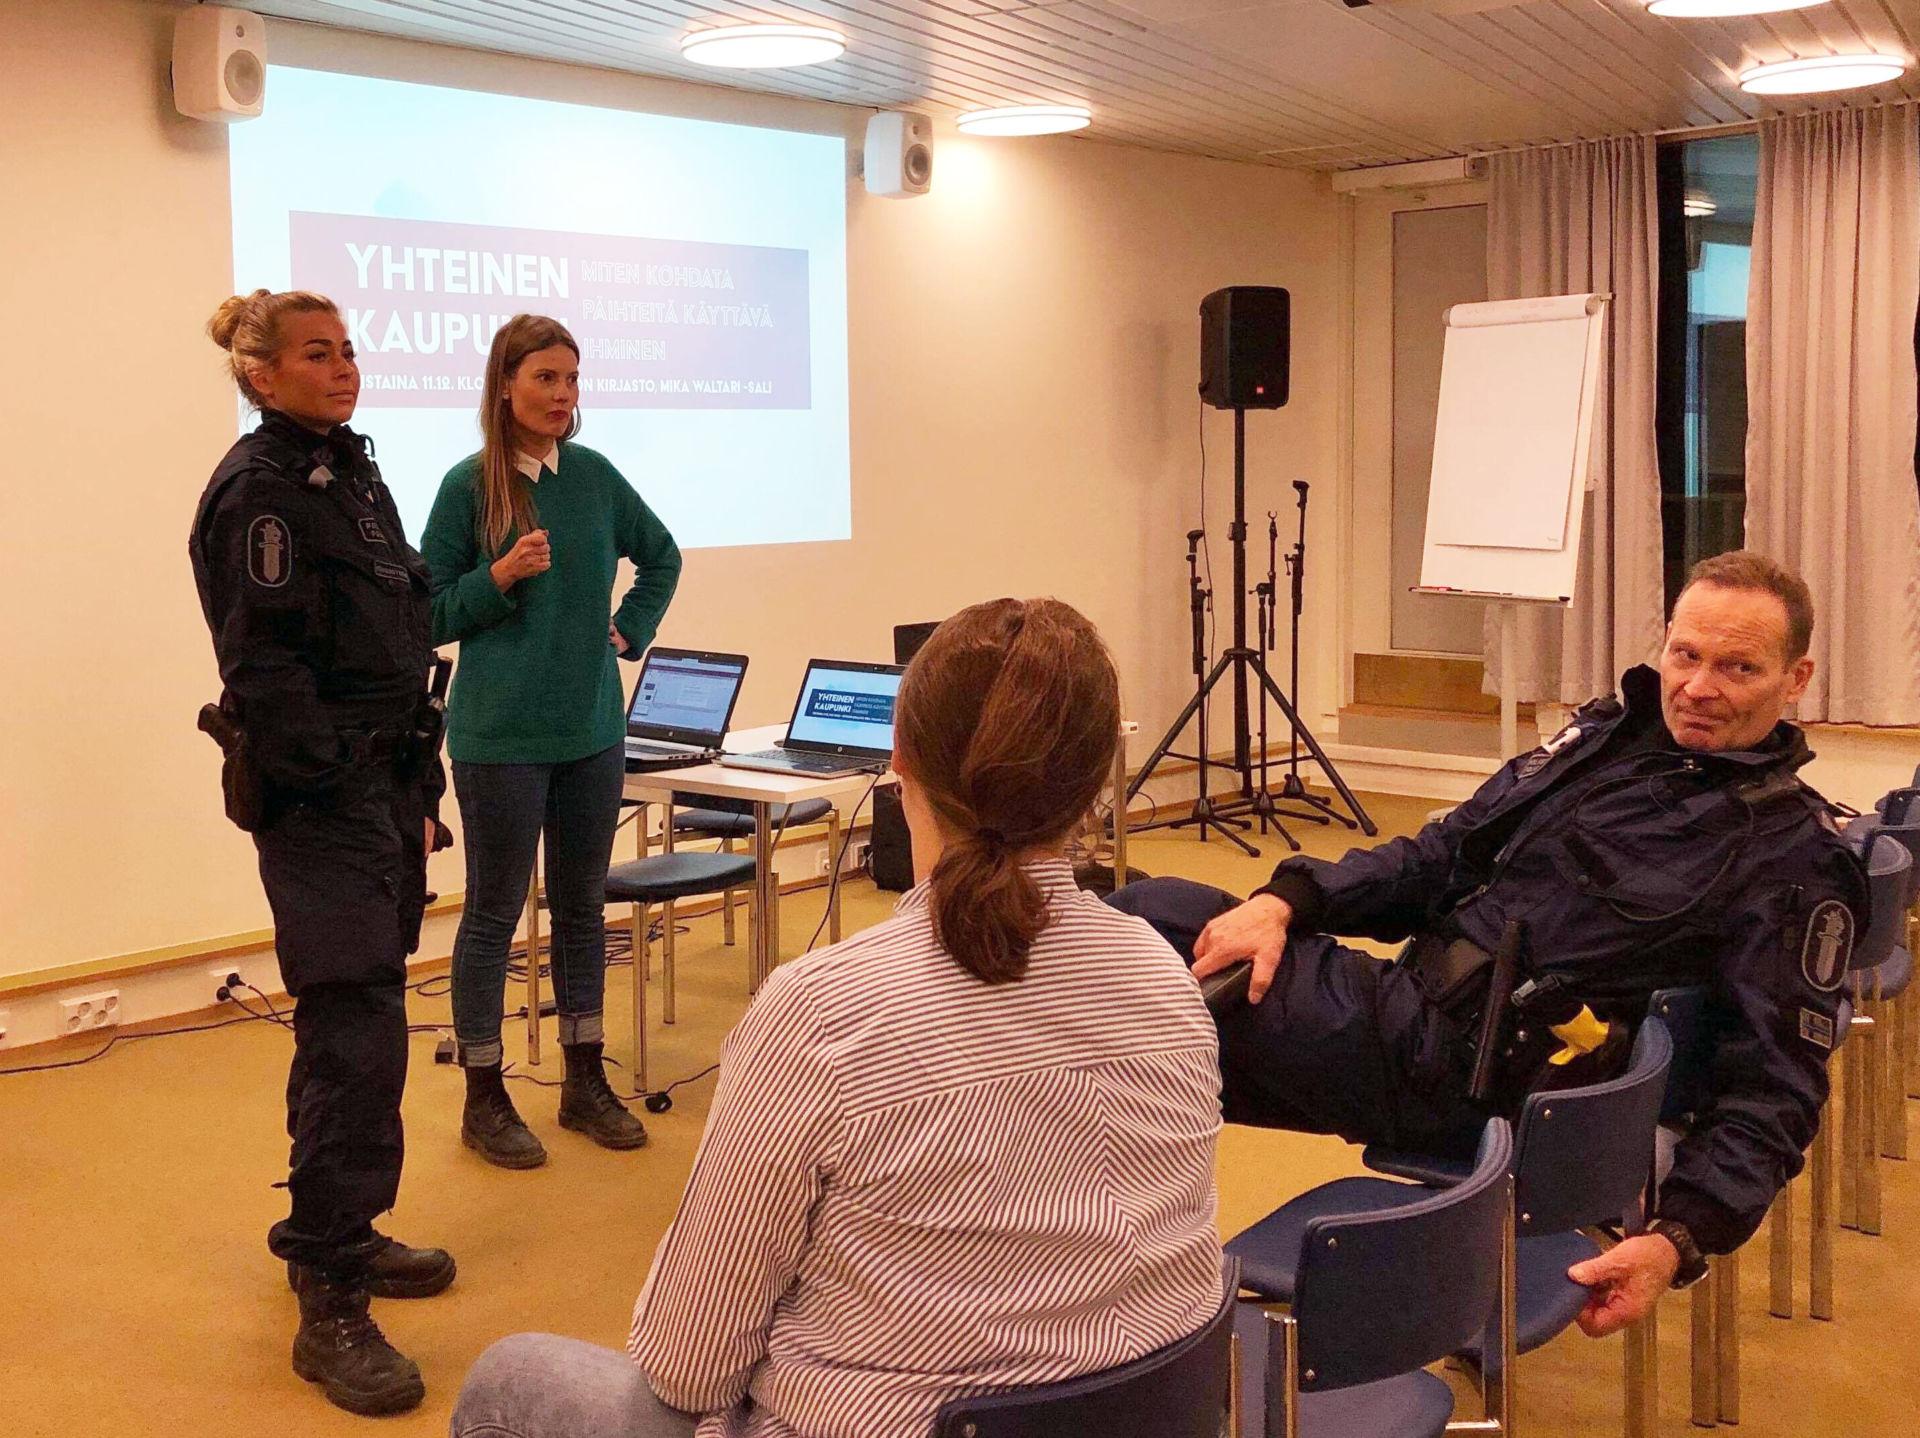 Naispoliisi ja toinen nainen pitävät luentoa. Yleisön eturivissä nainen ja mies poliisi.